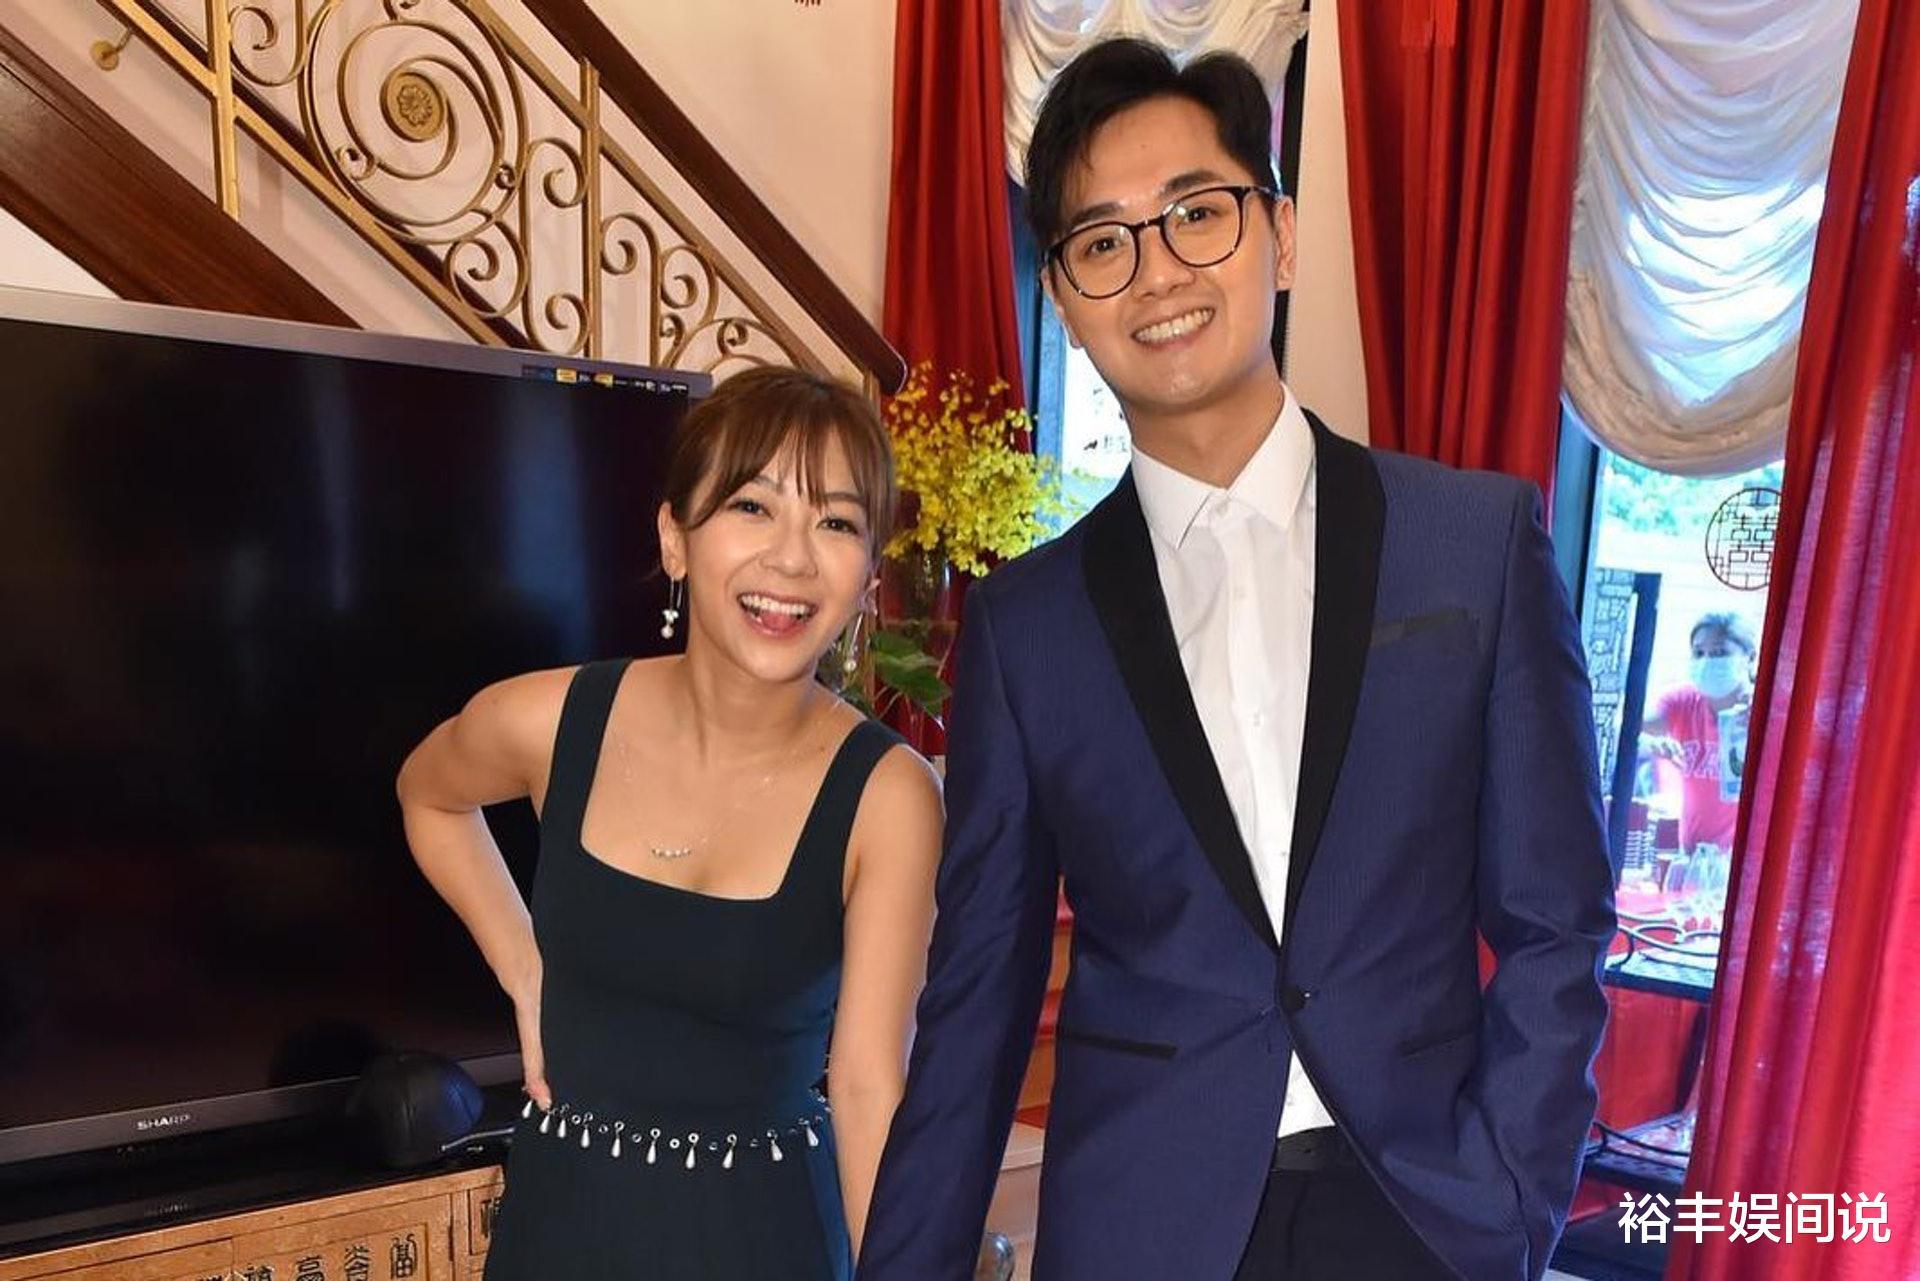 恭喜!TVB小花何雁詩今日出嫁,戴三對大龍鳳鐲,頸掛一隻大金豬-圖9